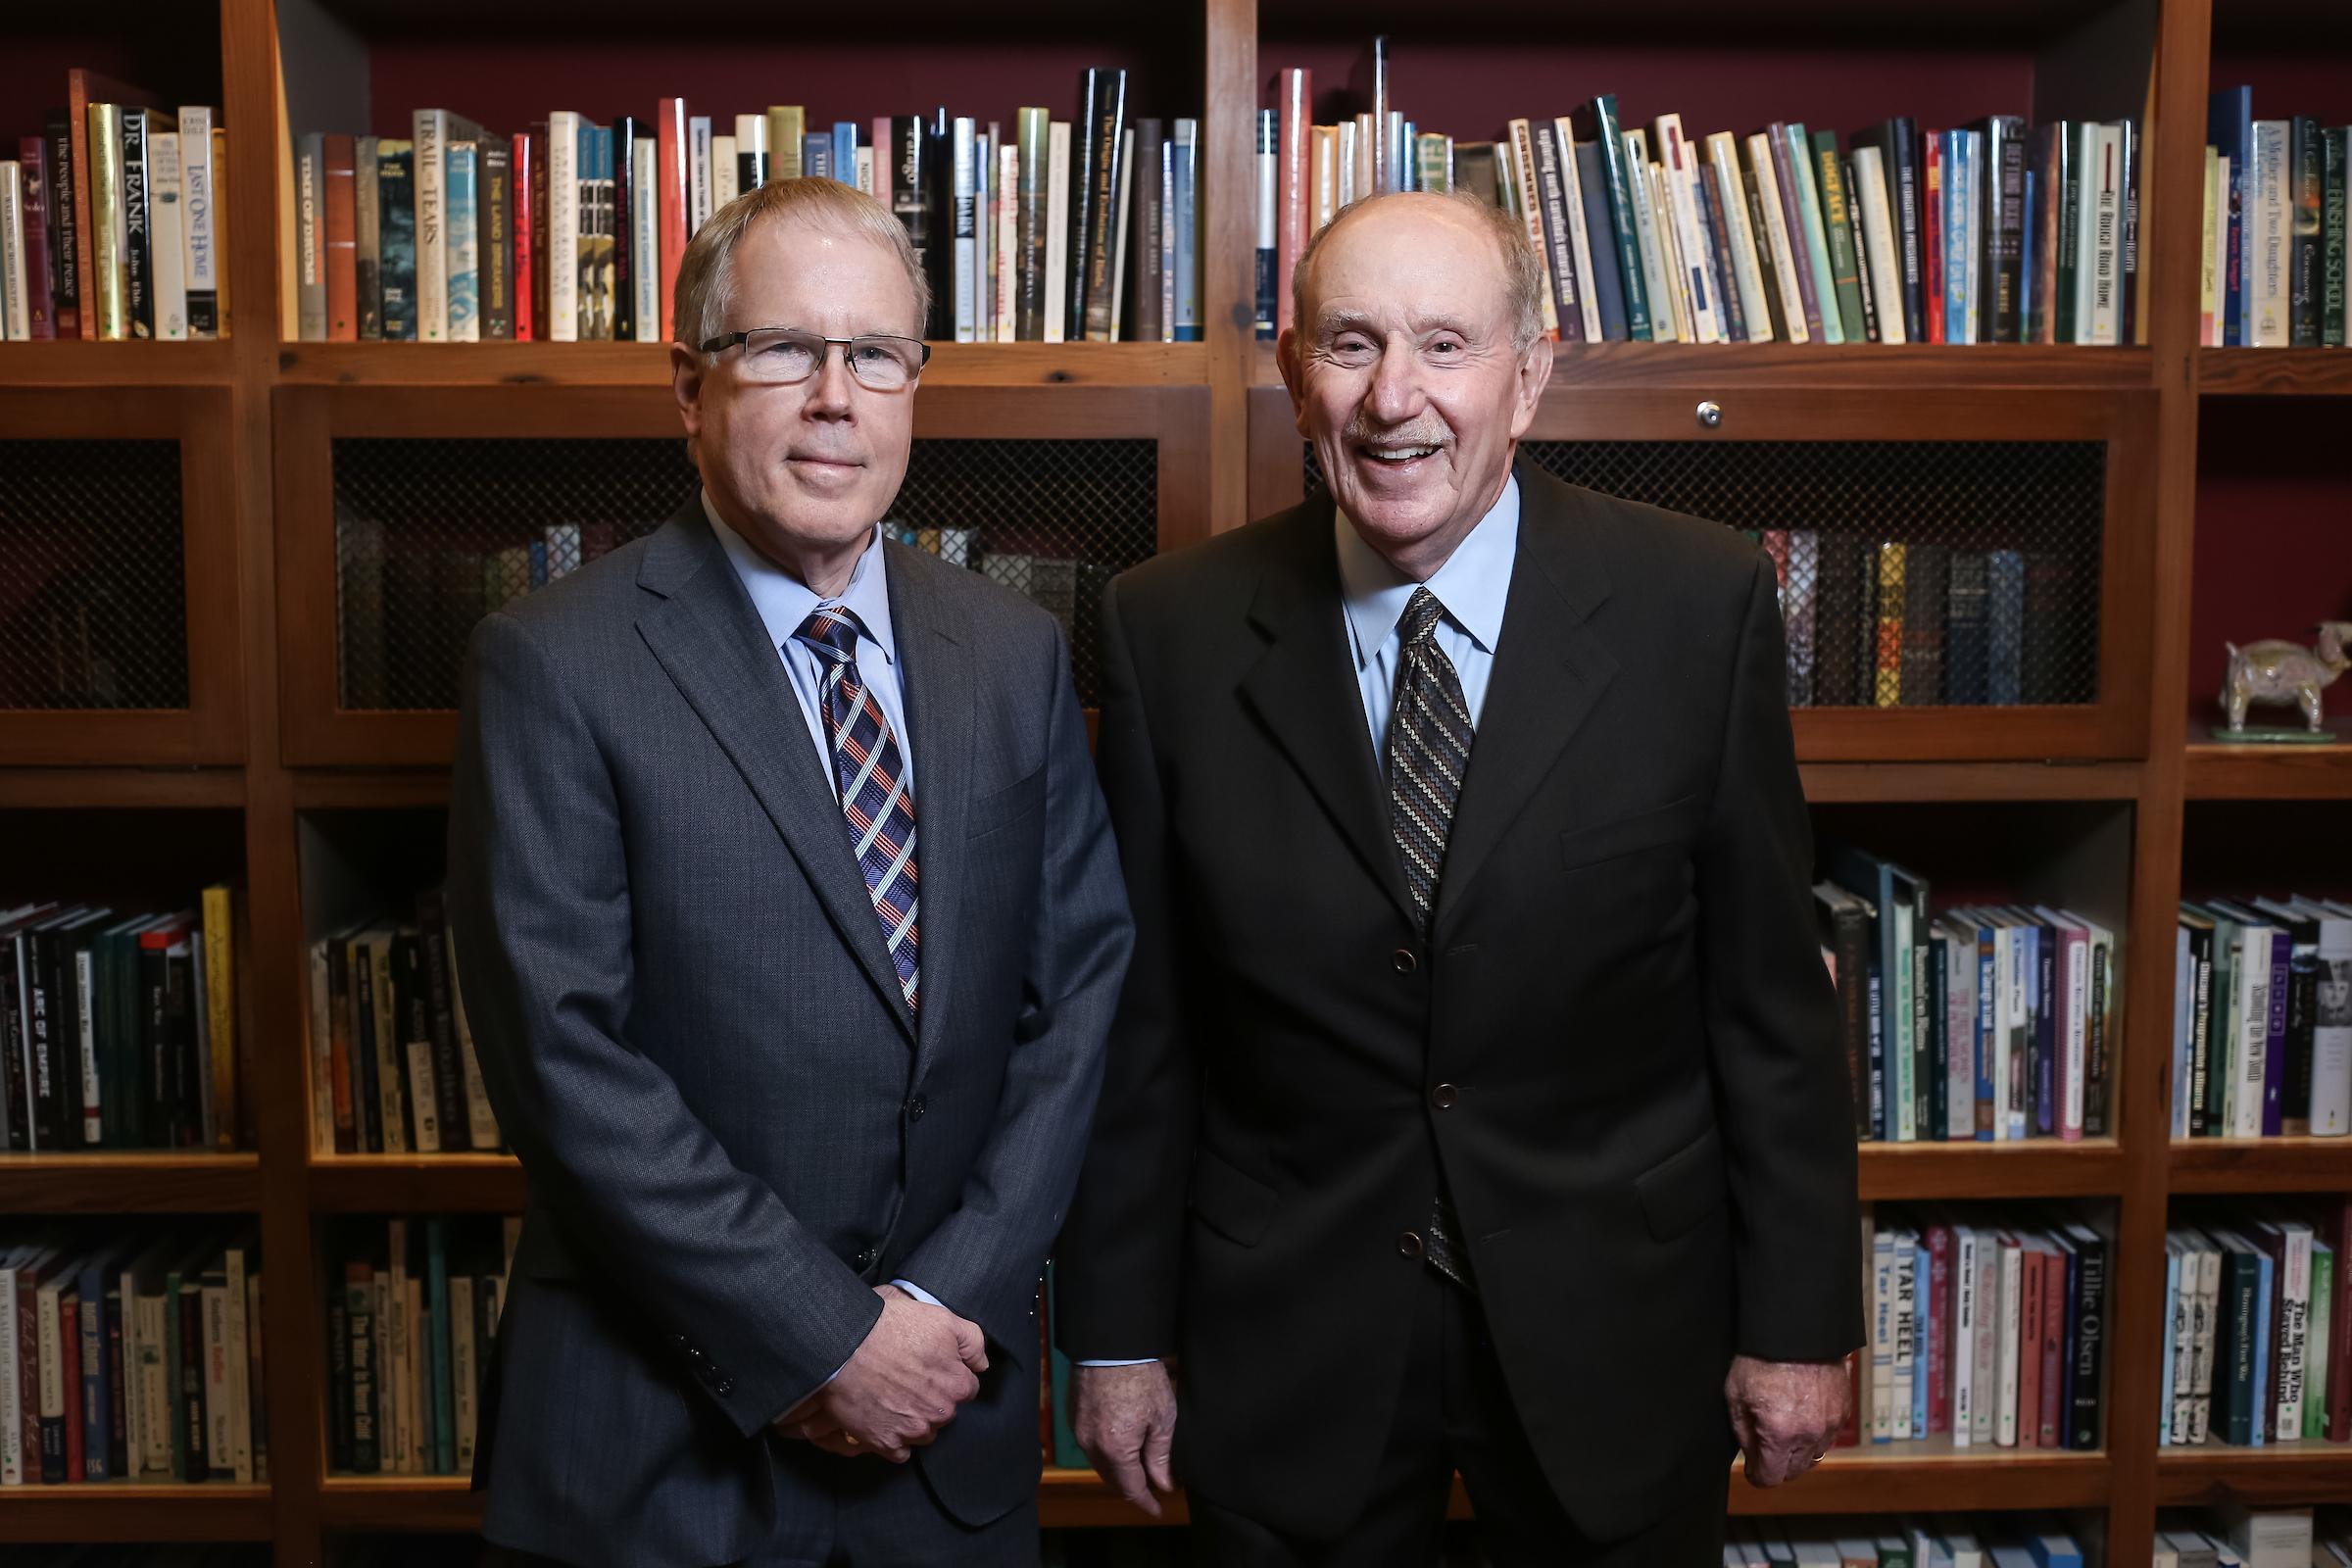 James Leloudis and Kenneth Broun